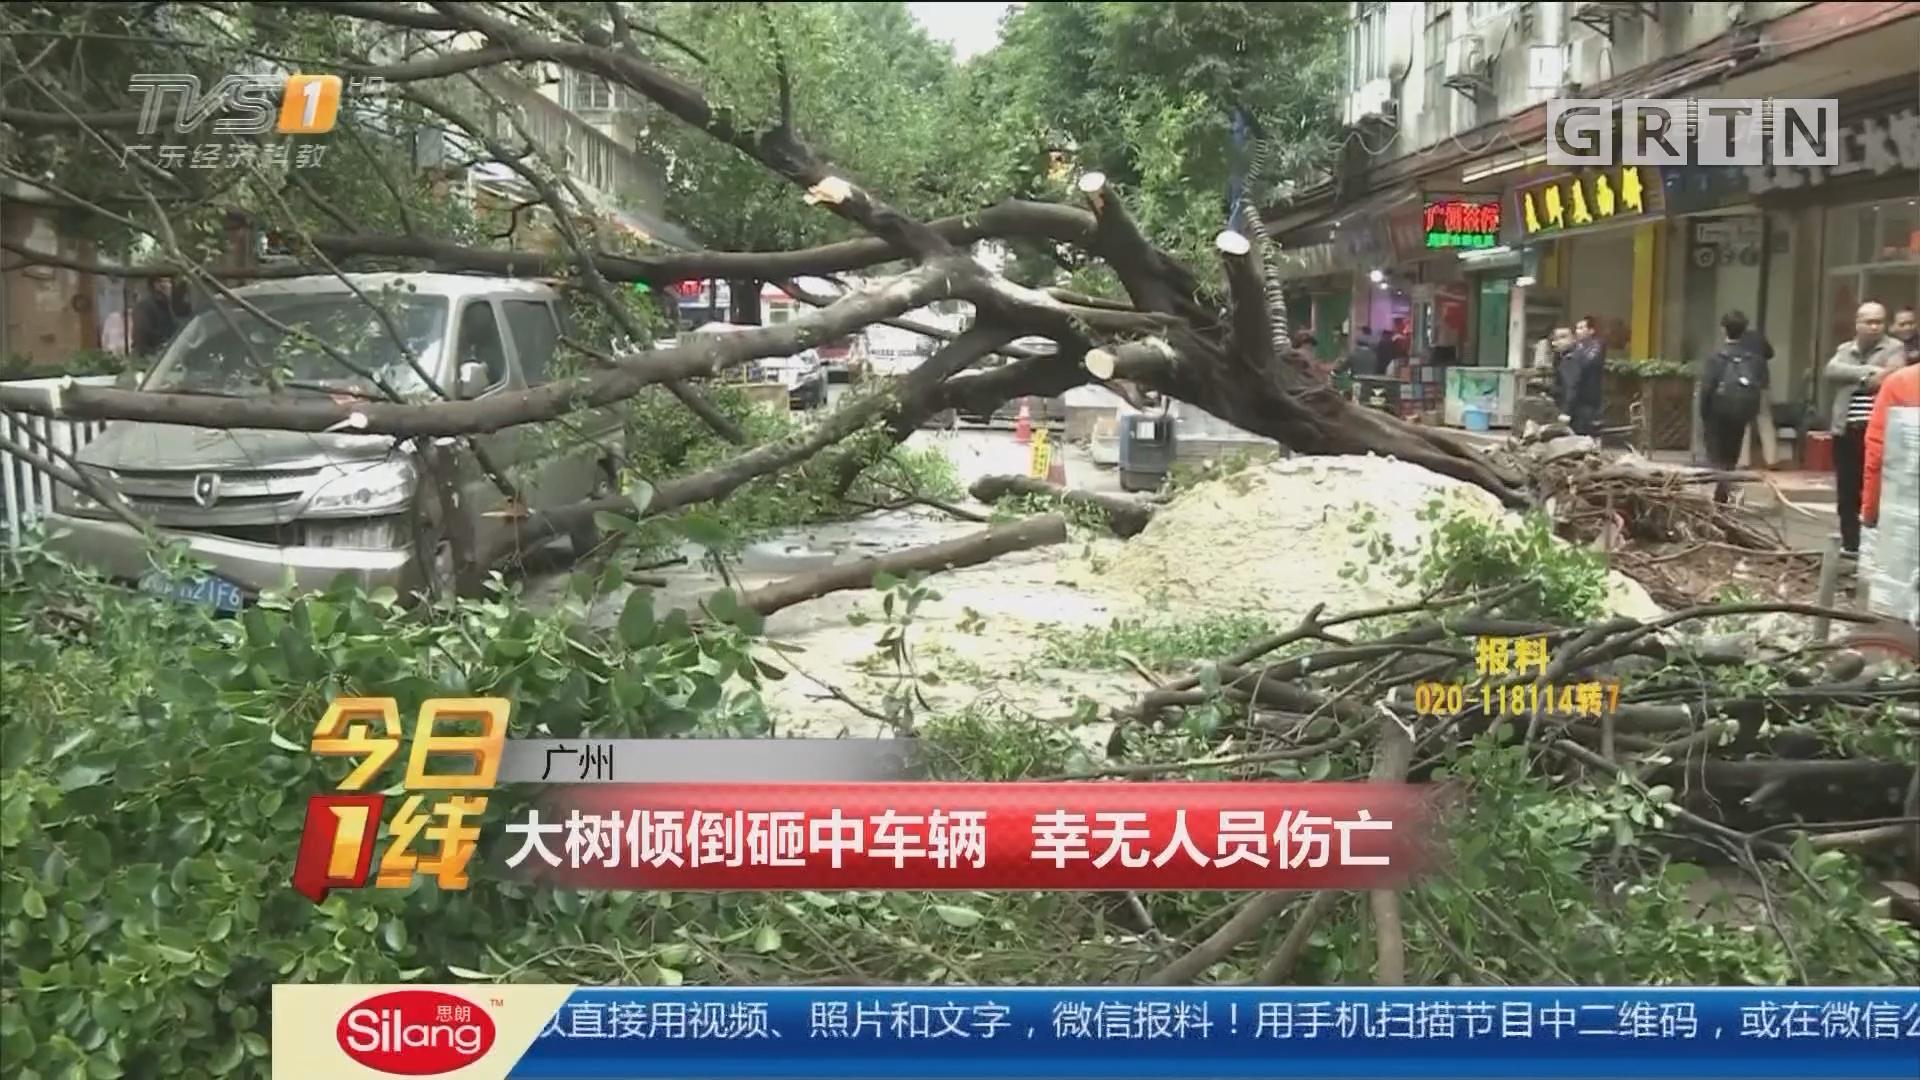 广州:大树倾倒砸中车辆 幸无人员伤亡